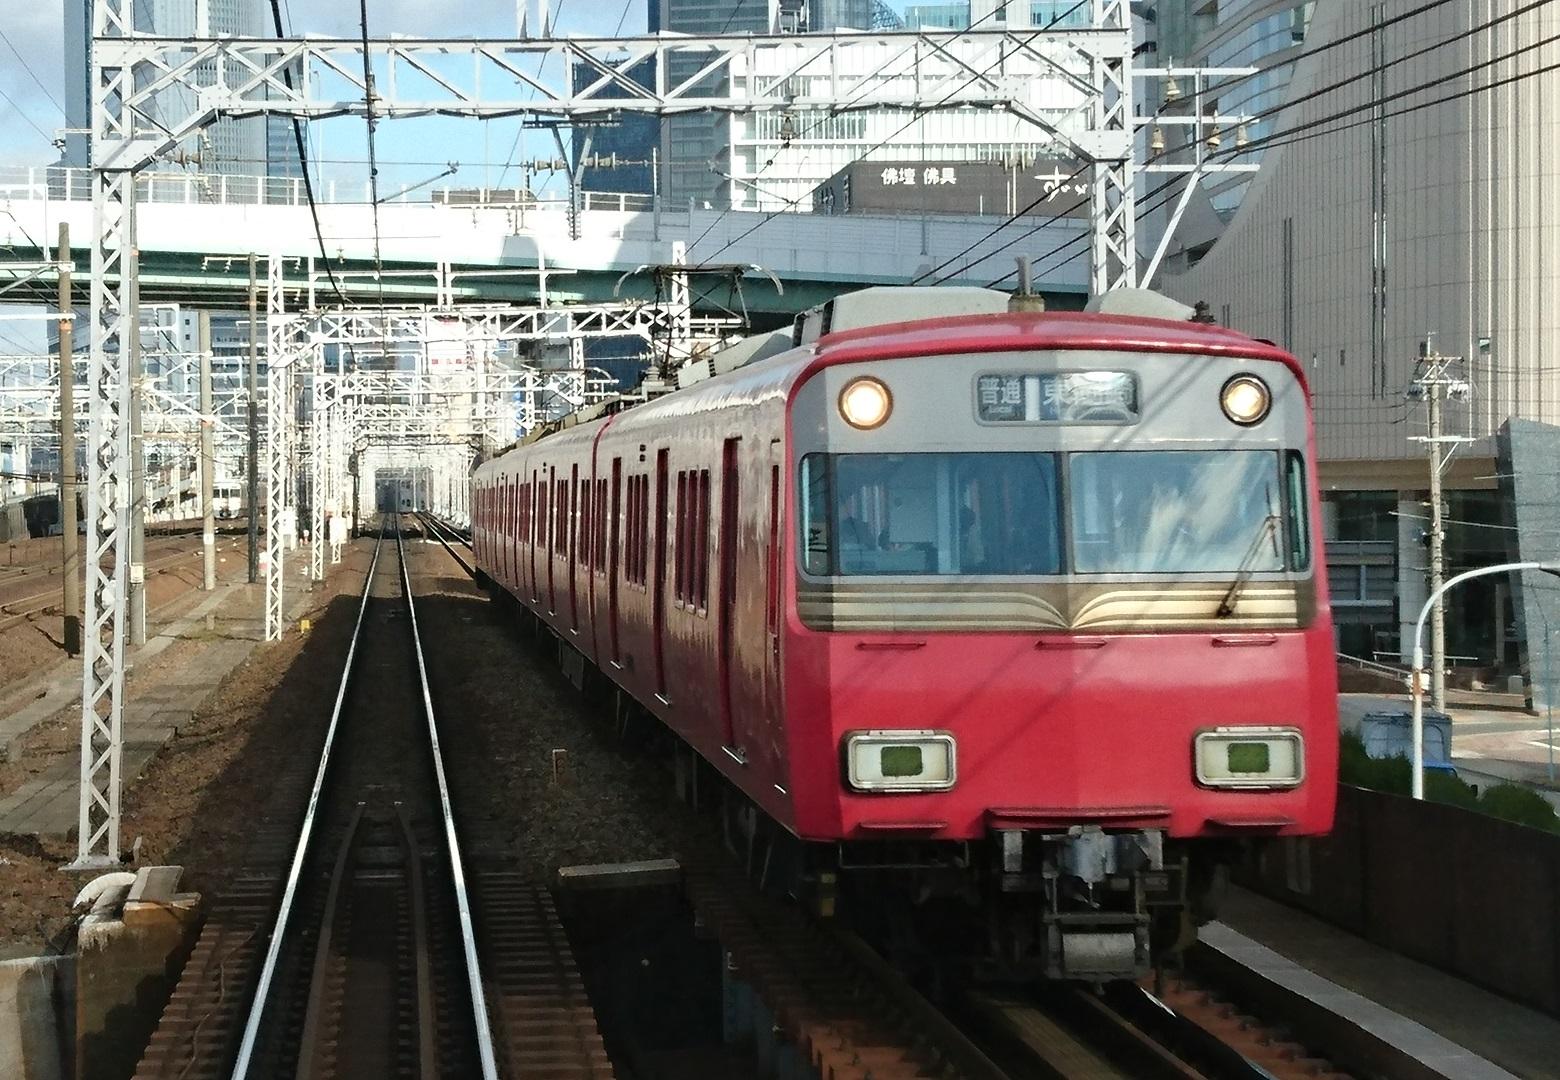 2017.1.12 (44) 岐阜いき特急 - 山王-名古屋間(東岡崎いきふつう)1560-1080